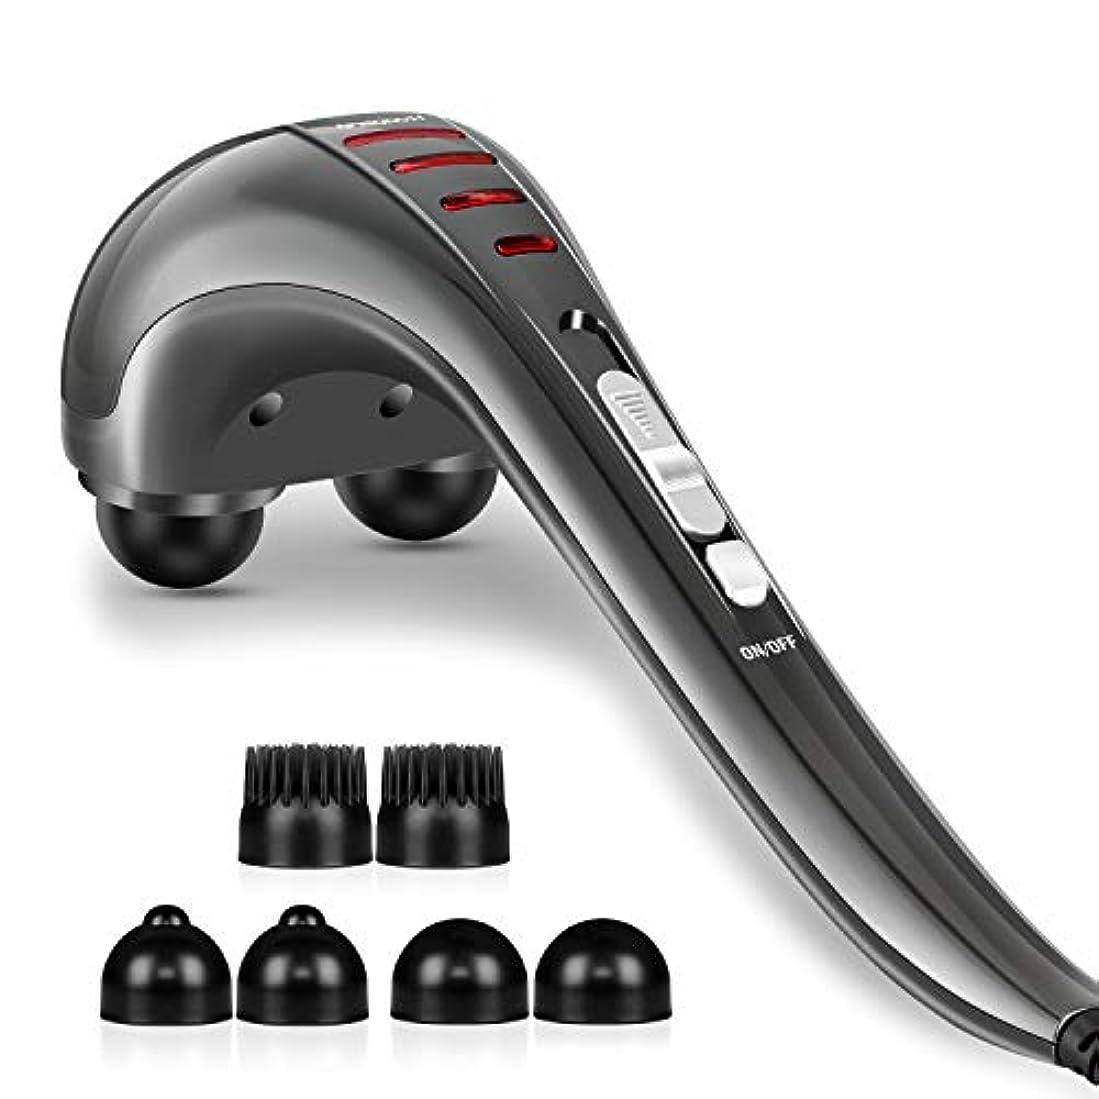 米ドル複雑鉄道駅Hangsun Handheld Neck Back Massager MG460 Deep Tissue Percussion Massage for Shoulder, Leg, Foot, Muscles, Electric...